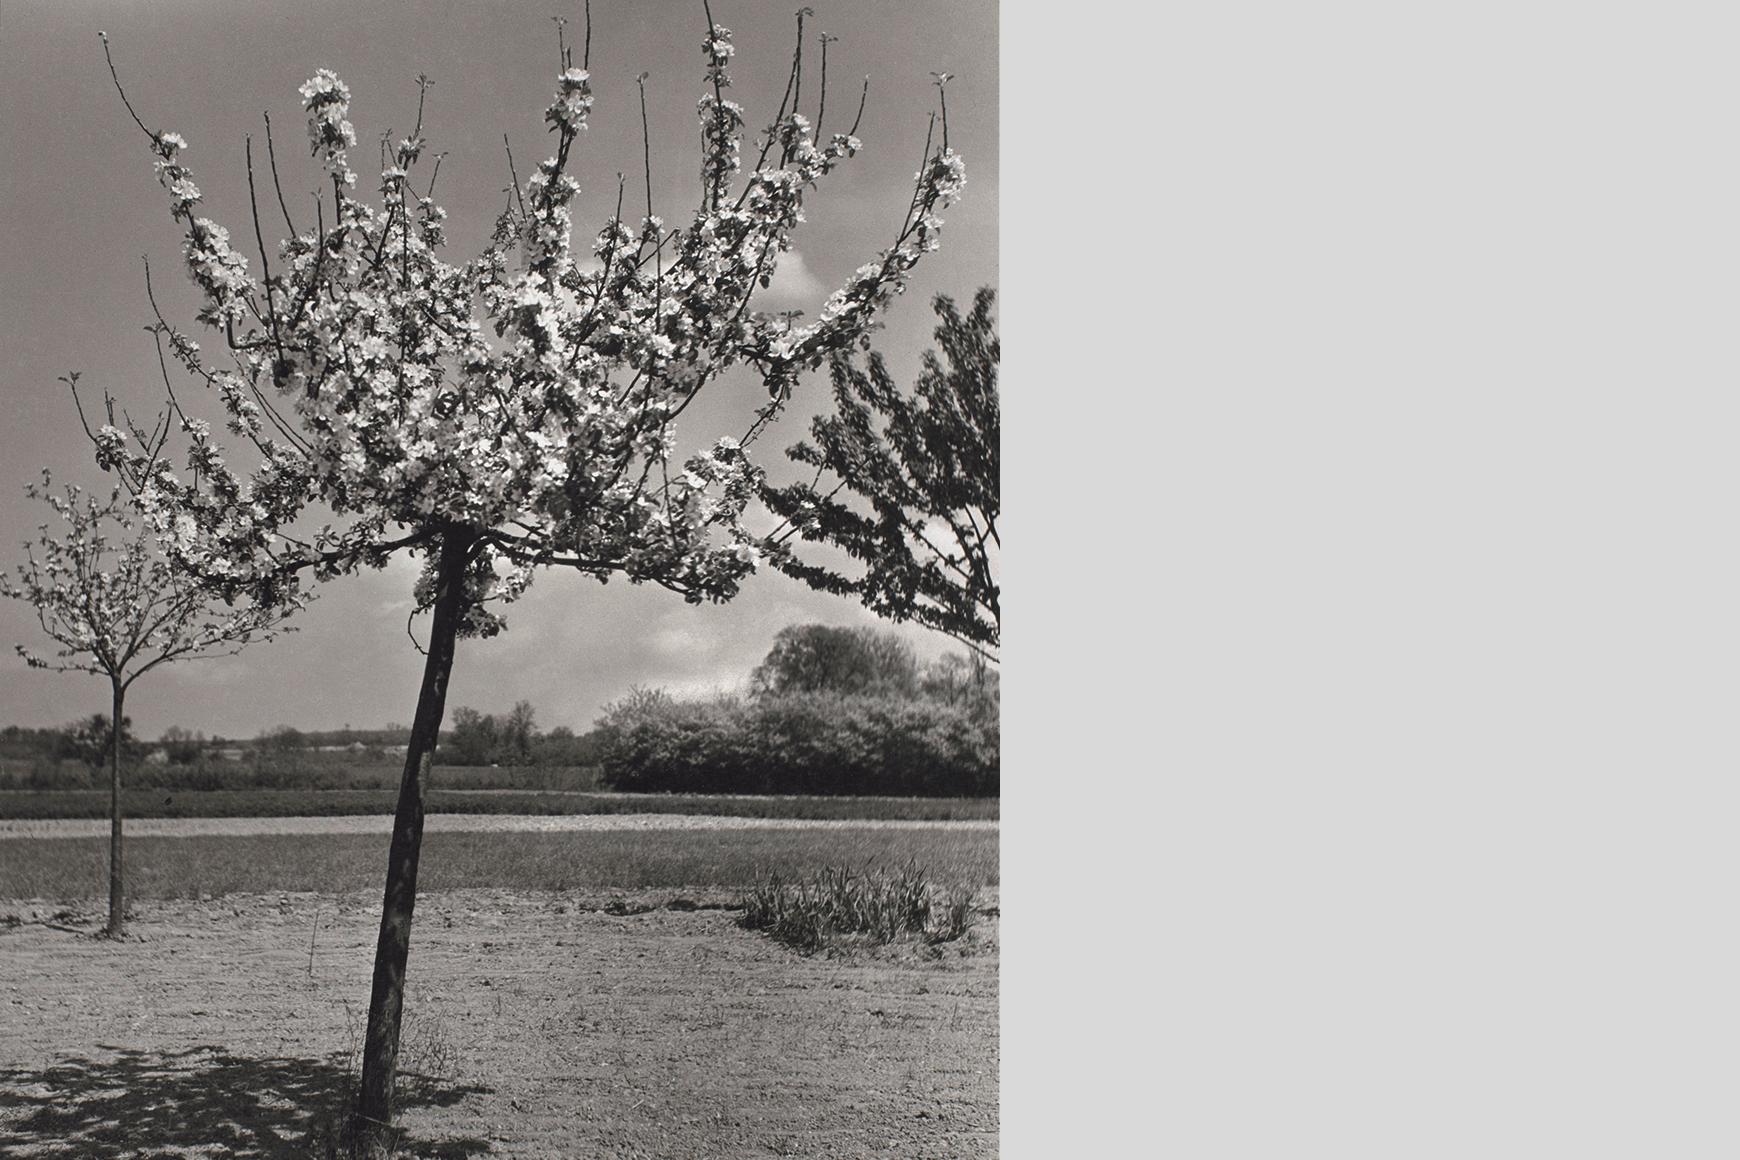 Emmy Andriesse (1914-1953) Little flowering trees Arles 1951-1952 Van Gogh Museum. Leiden University Library / Joost Elffers